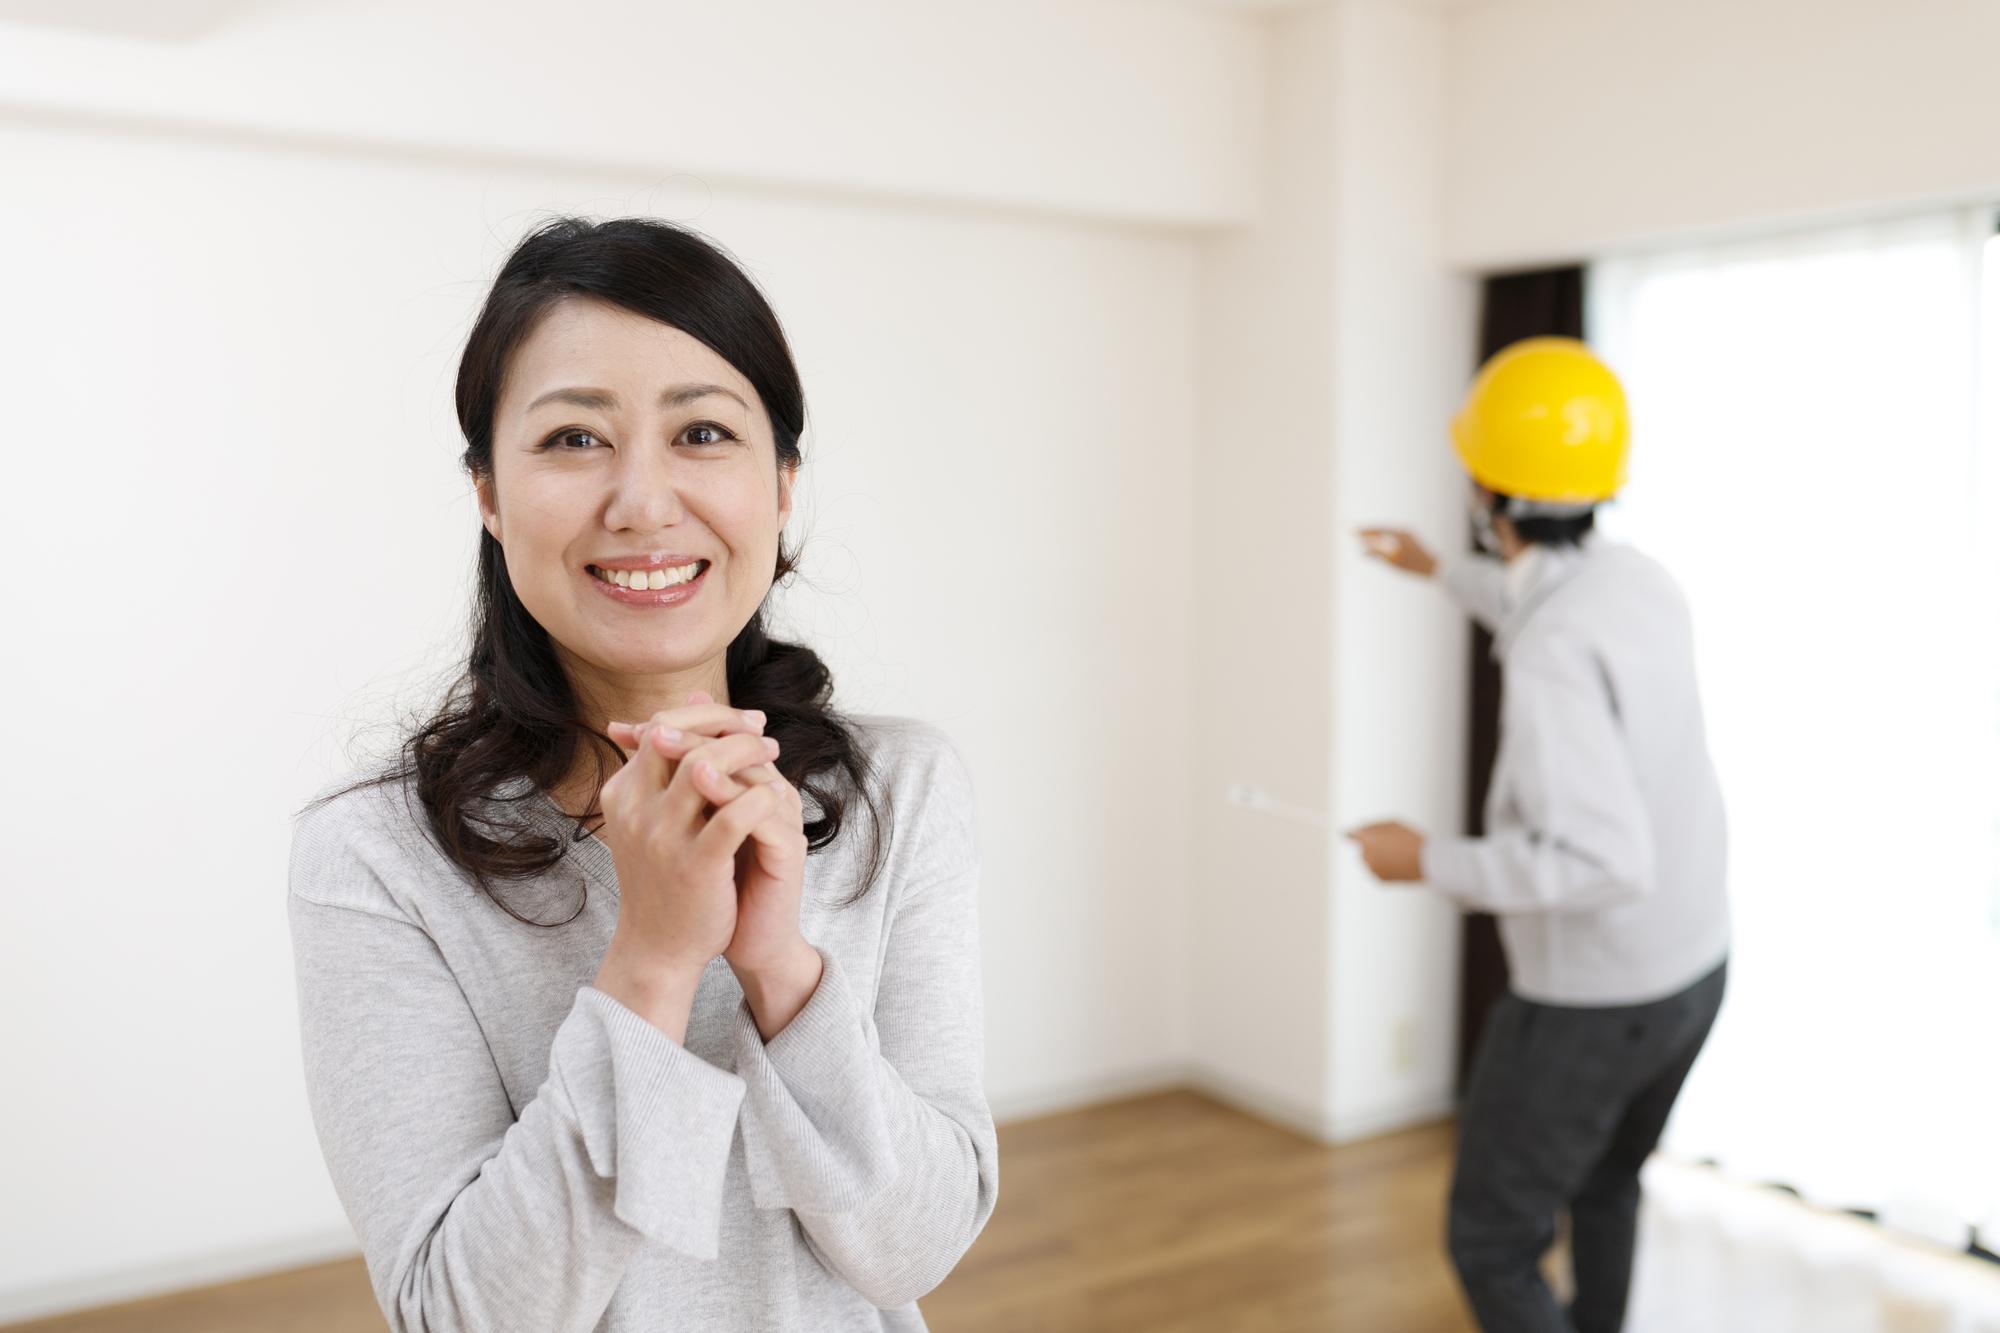 女性と住宅イメージ